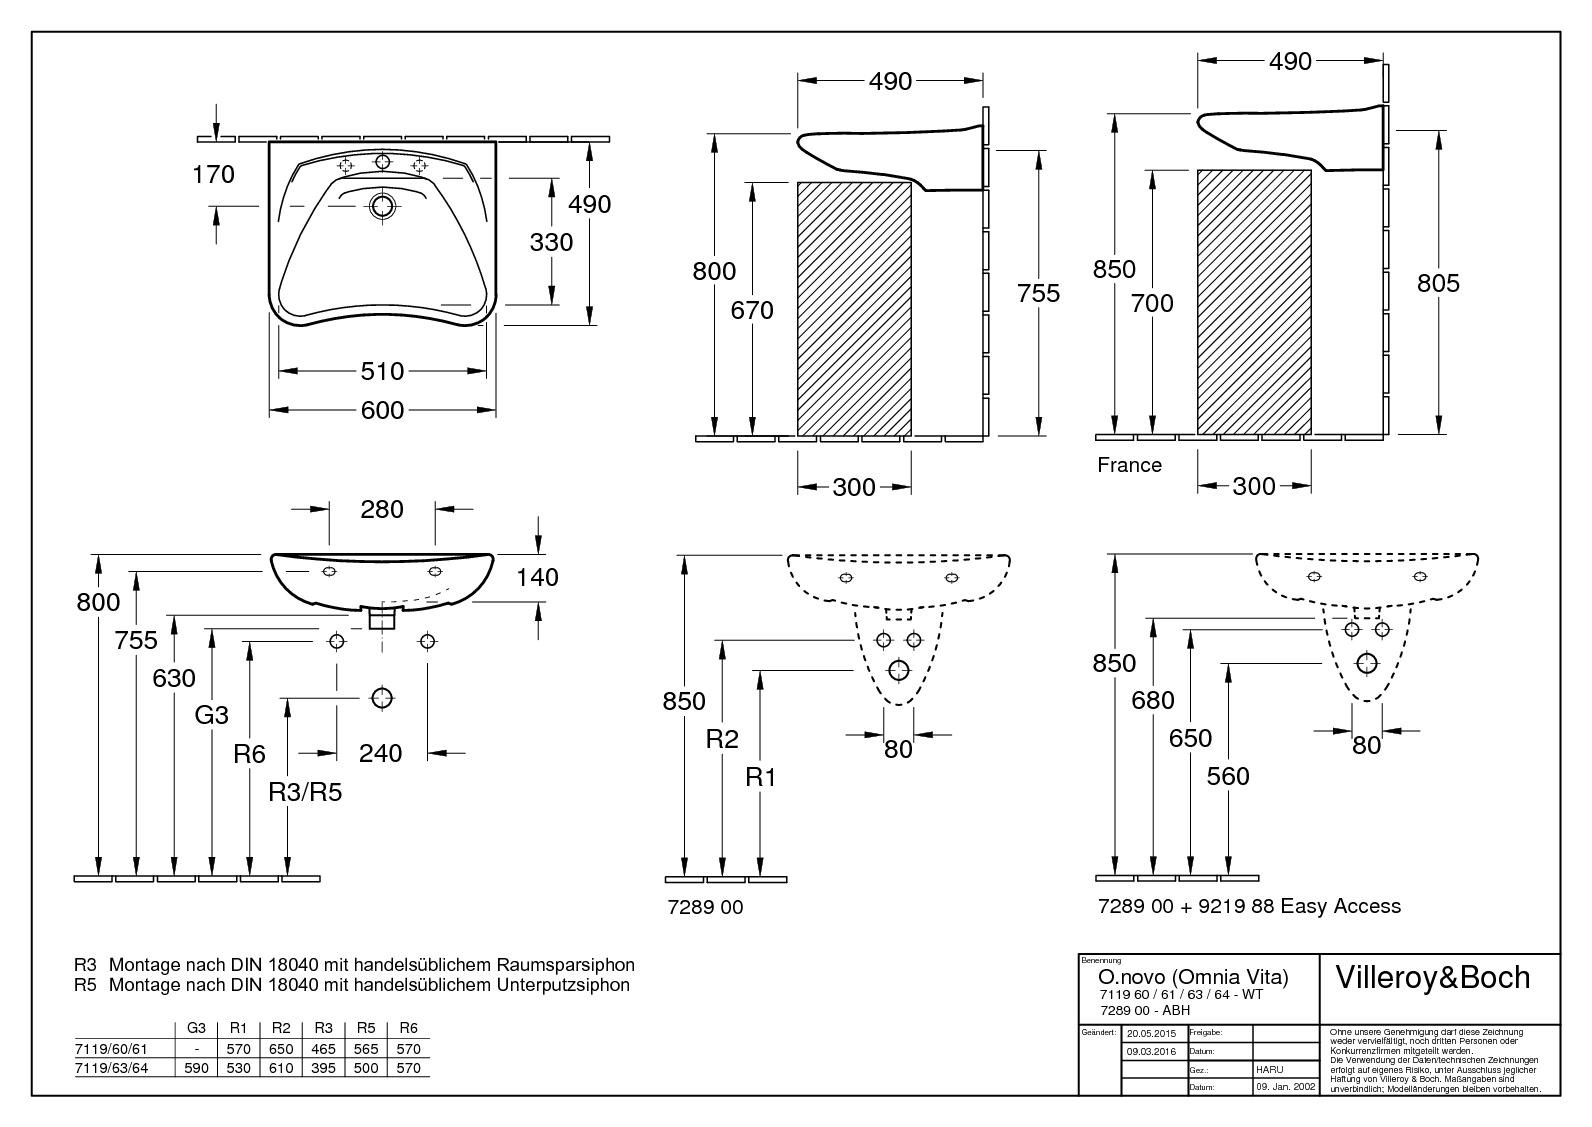 villeroy boch o novo vita waschtisch 600 x 490 mm hahnloch vorgestochen ohne berlauf wei. Black Bedroom Furniture Sets. Home Design Ideas